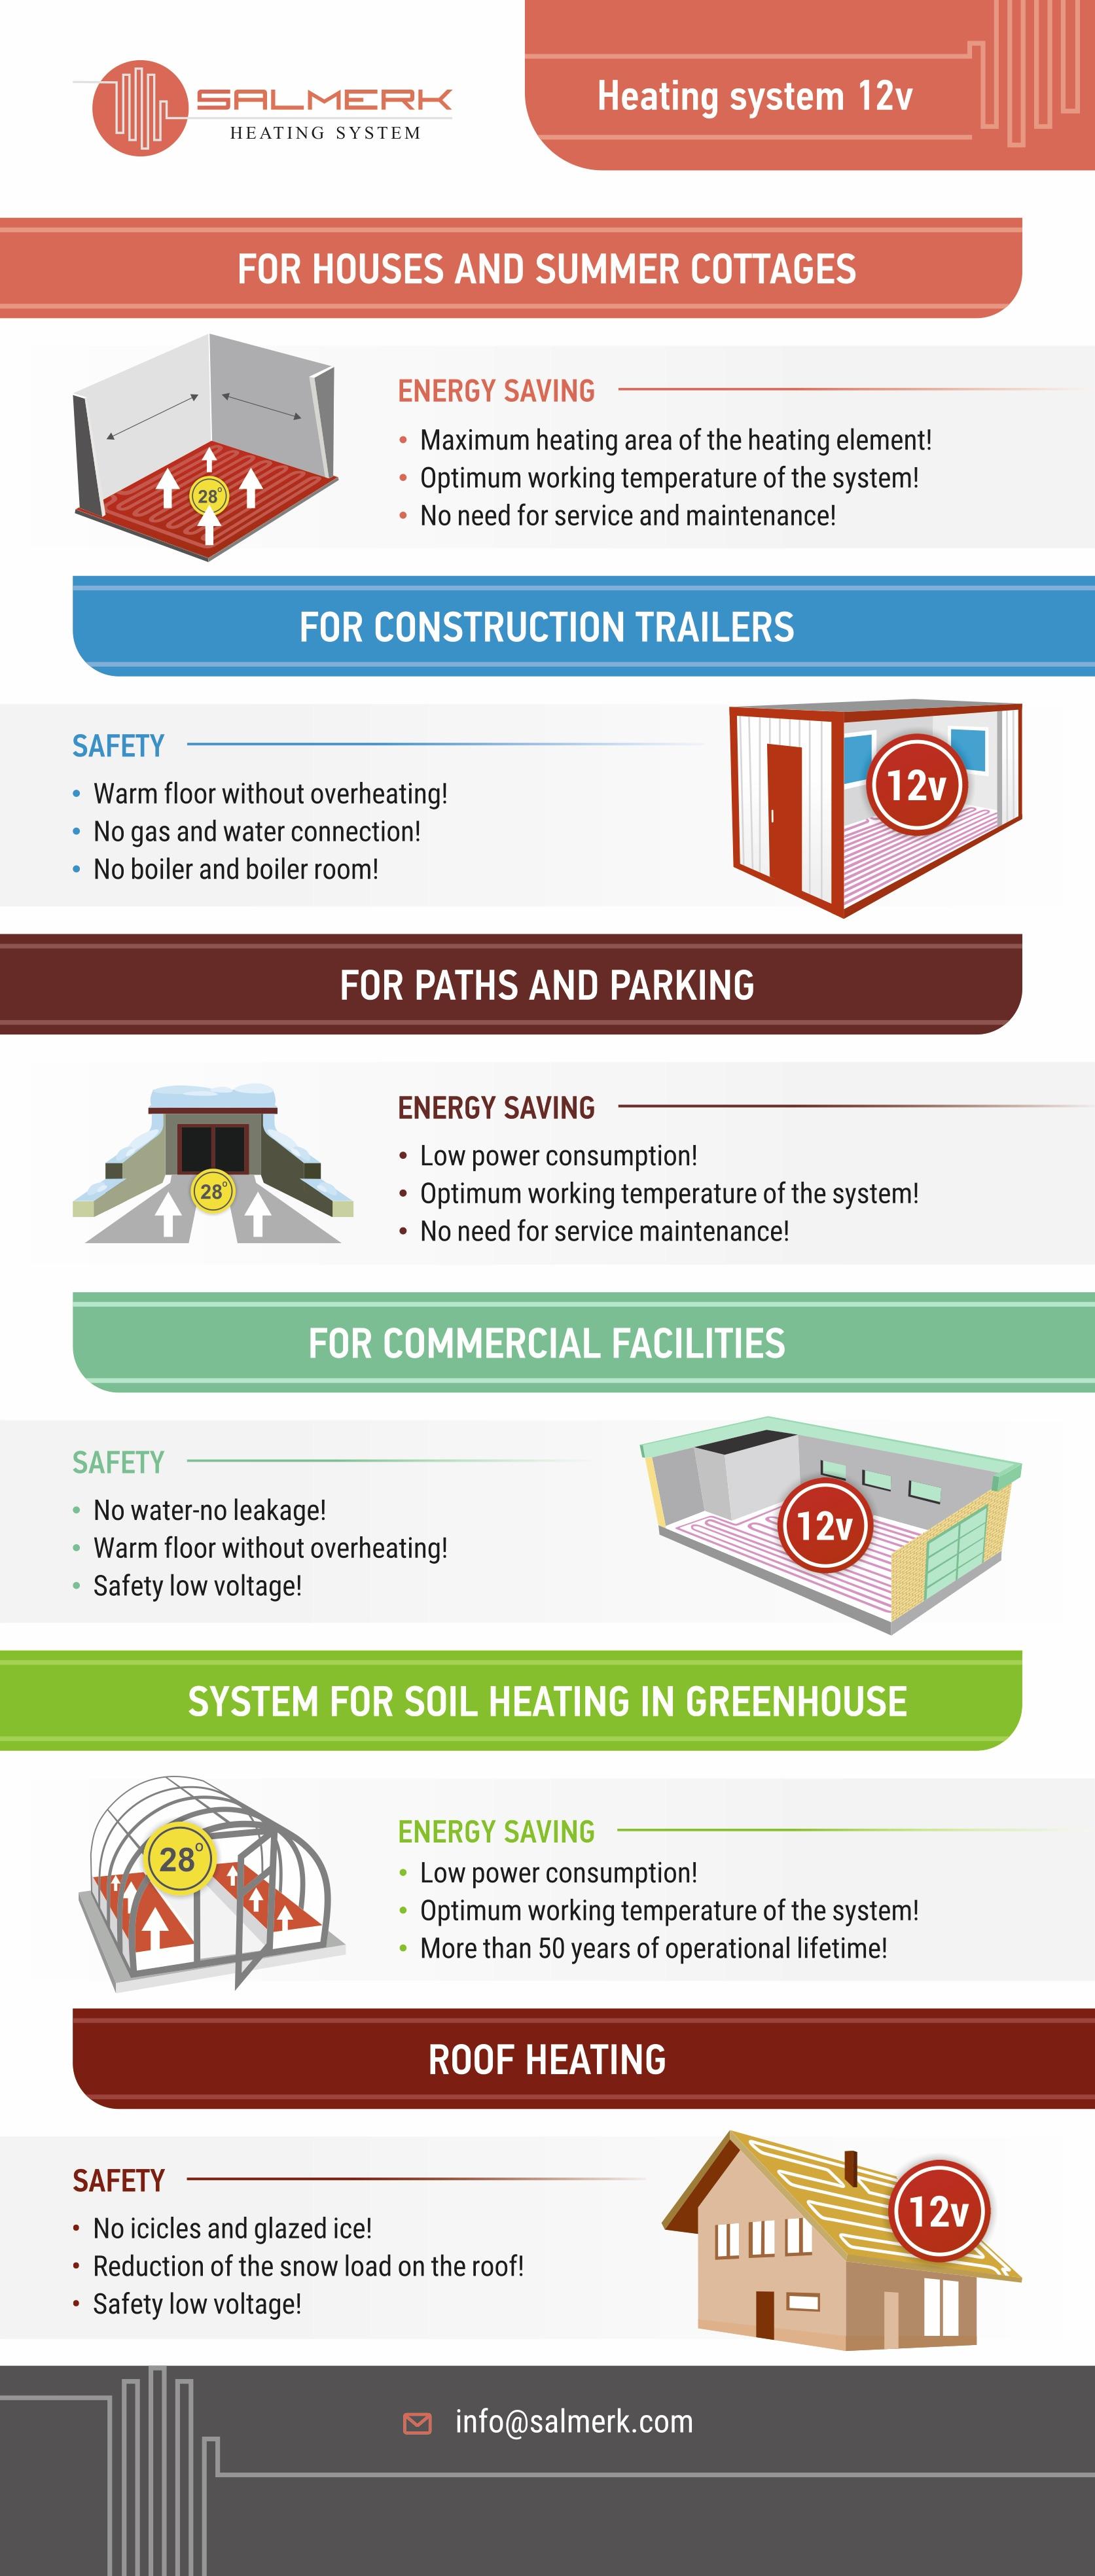 Salmerk underfloor electric heating 12v